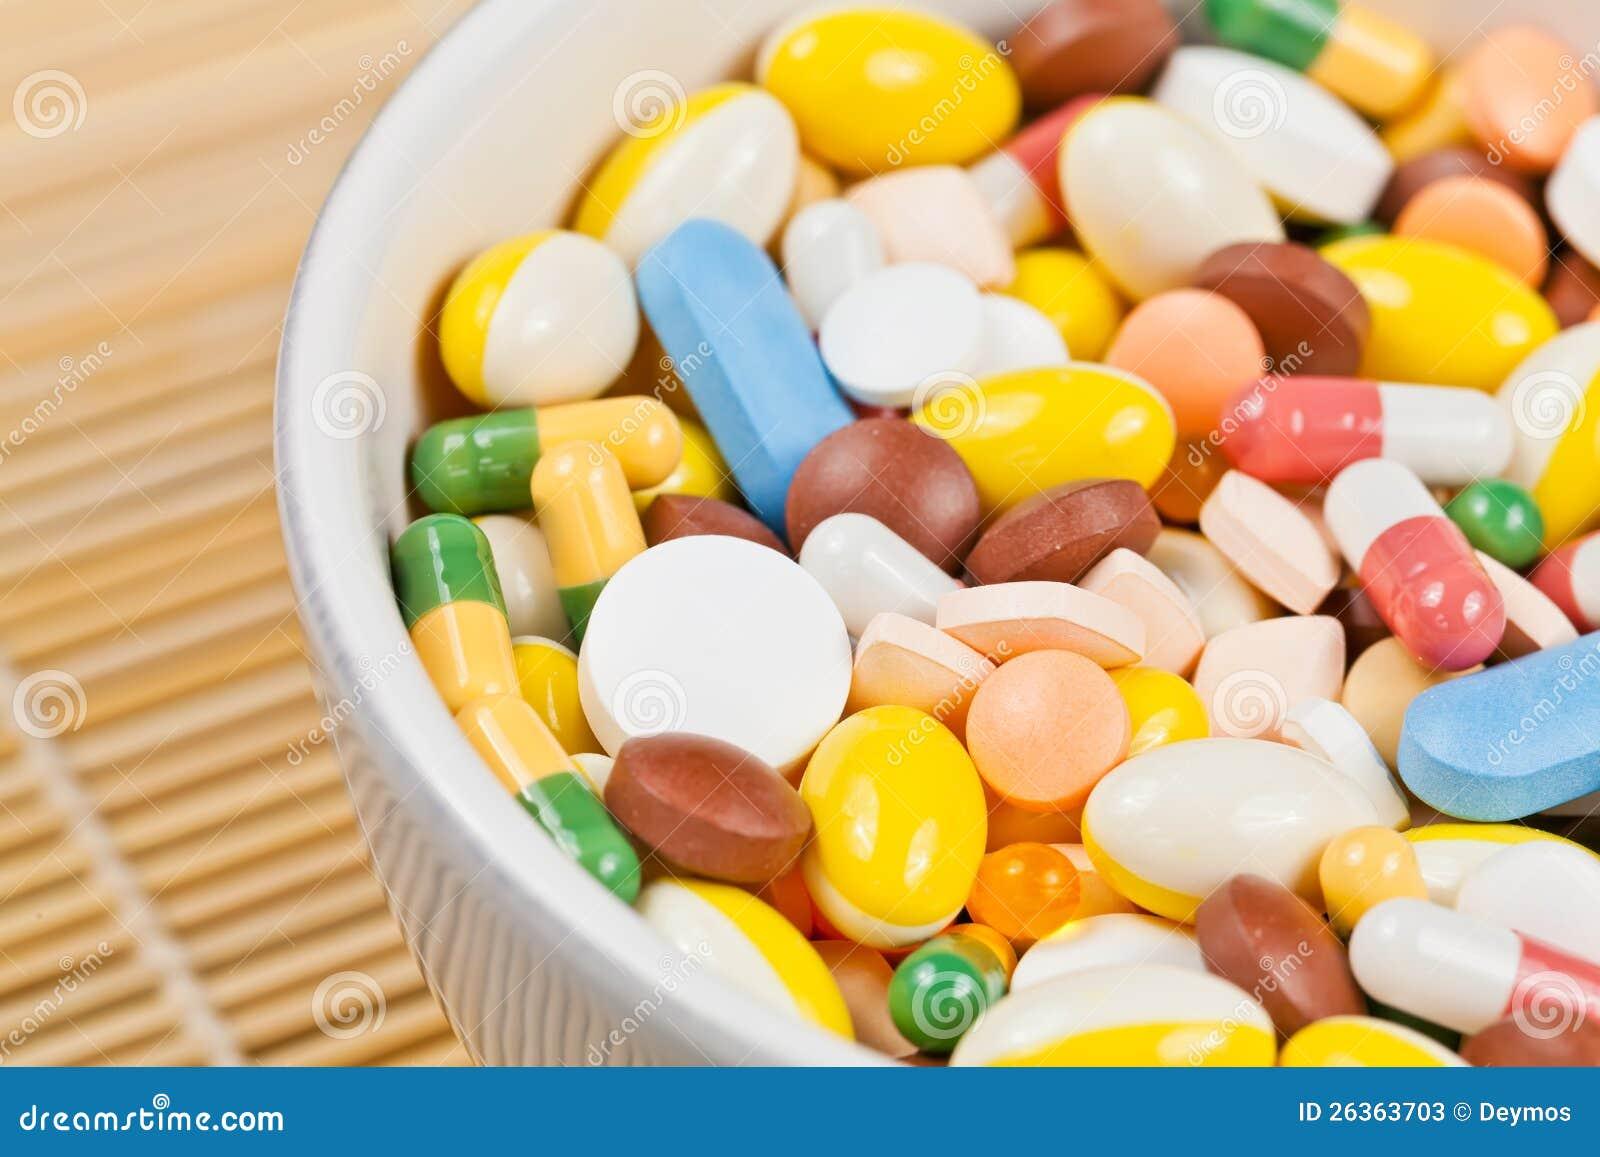 Weißes Cup füllte mit Medizinpillen